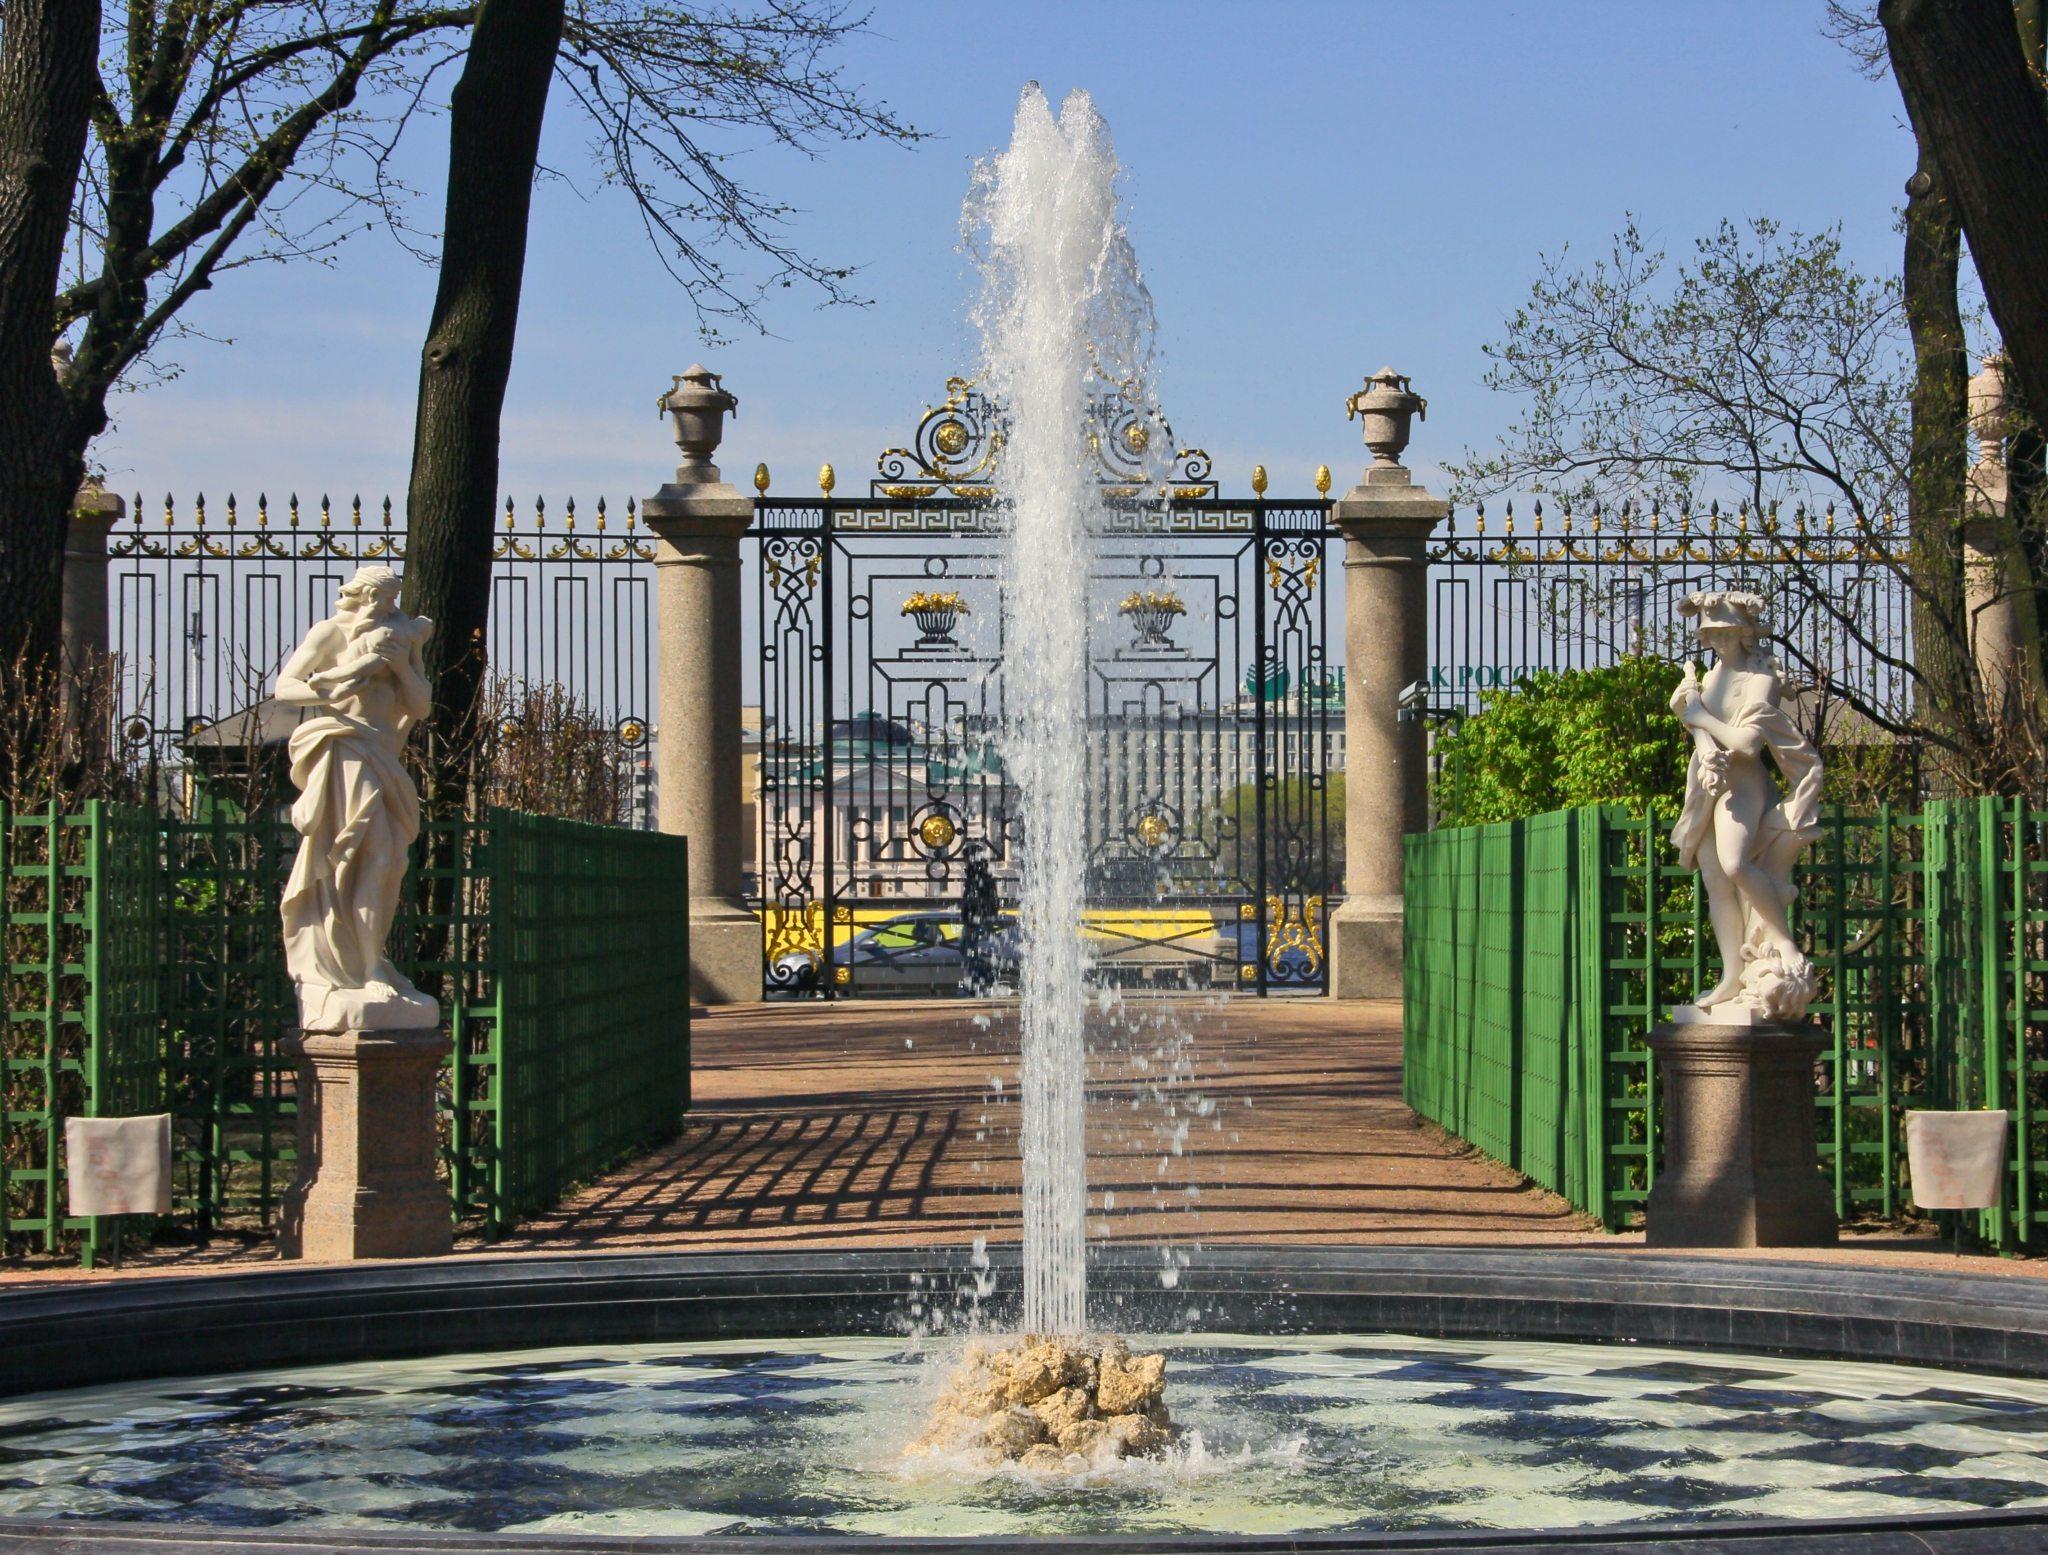 Центральные ворота Невской ограды Летнего сада - The Main Gates of Summer Garden